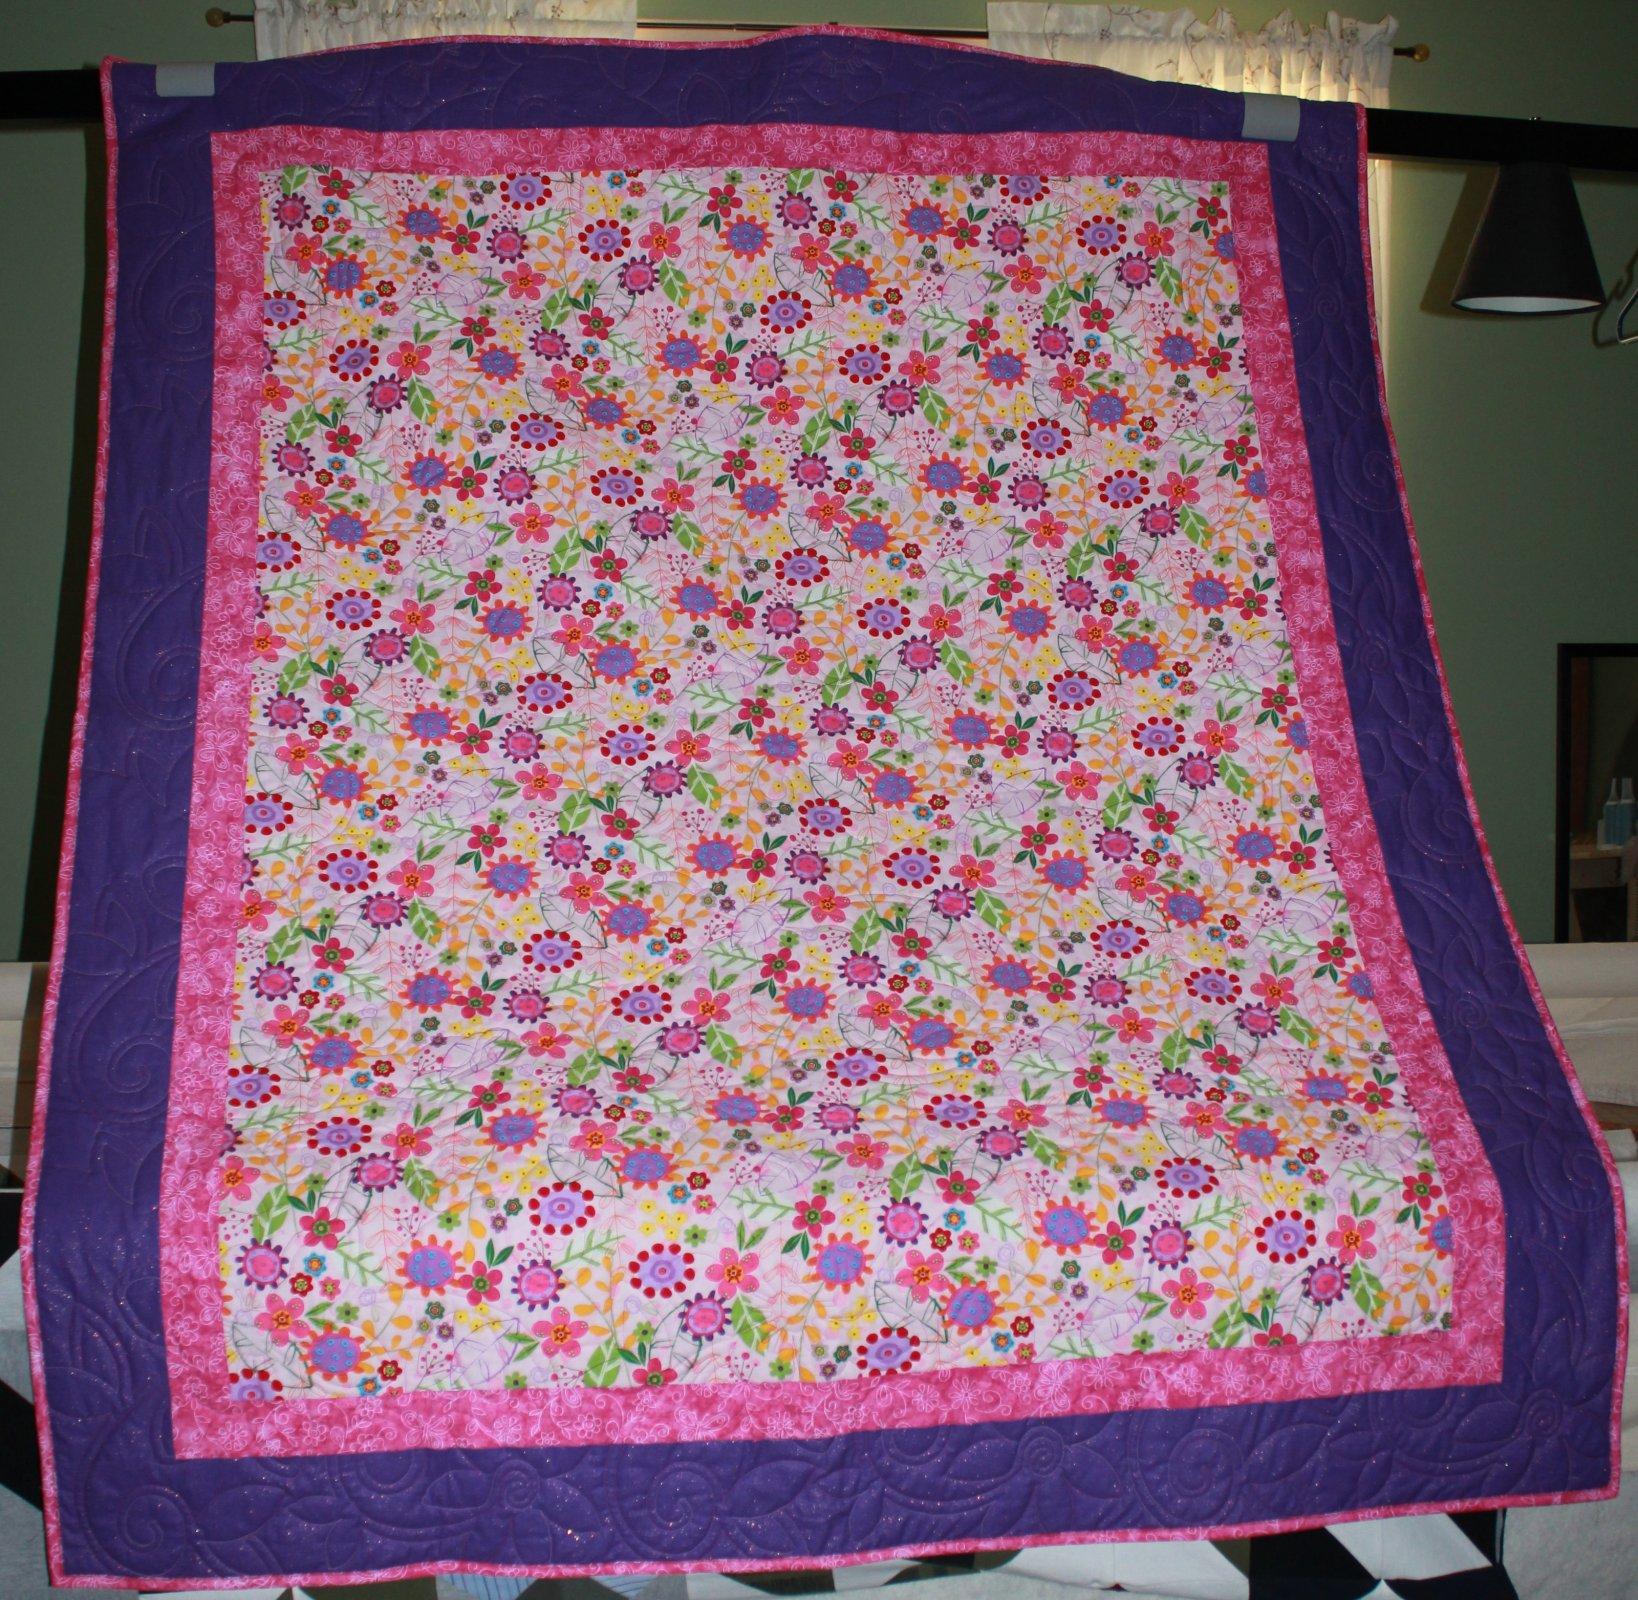 Floral Delight Lap Quilt